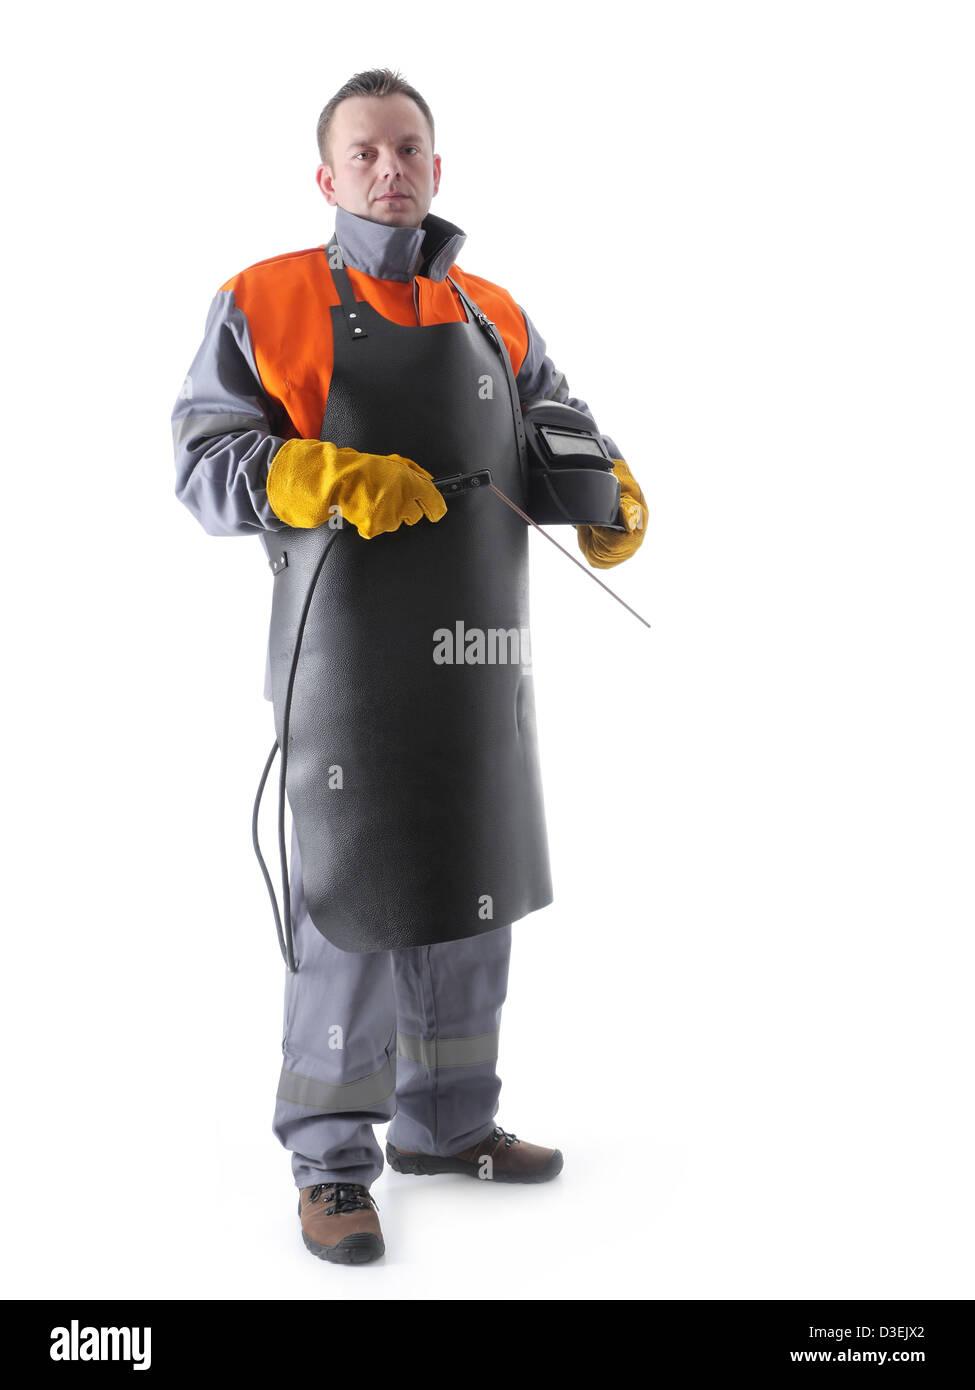 Ritratto di saldatore indossando saldatura protettiva in pelle nera grembiule, cappa di saldatura e saldatura di Immagini Stock